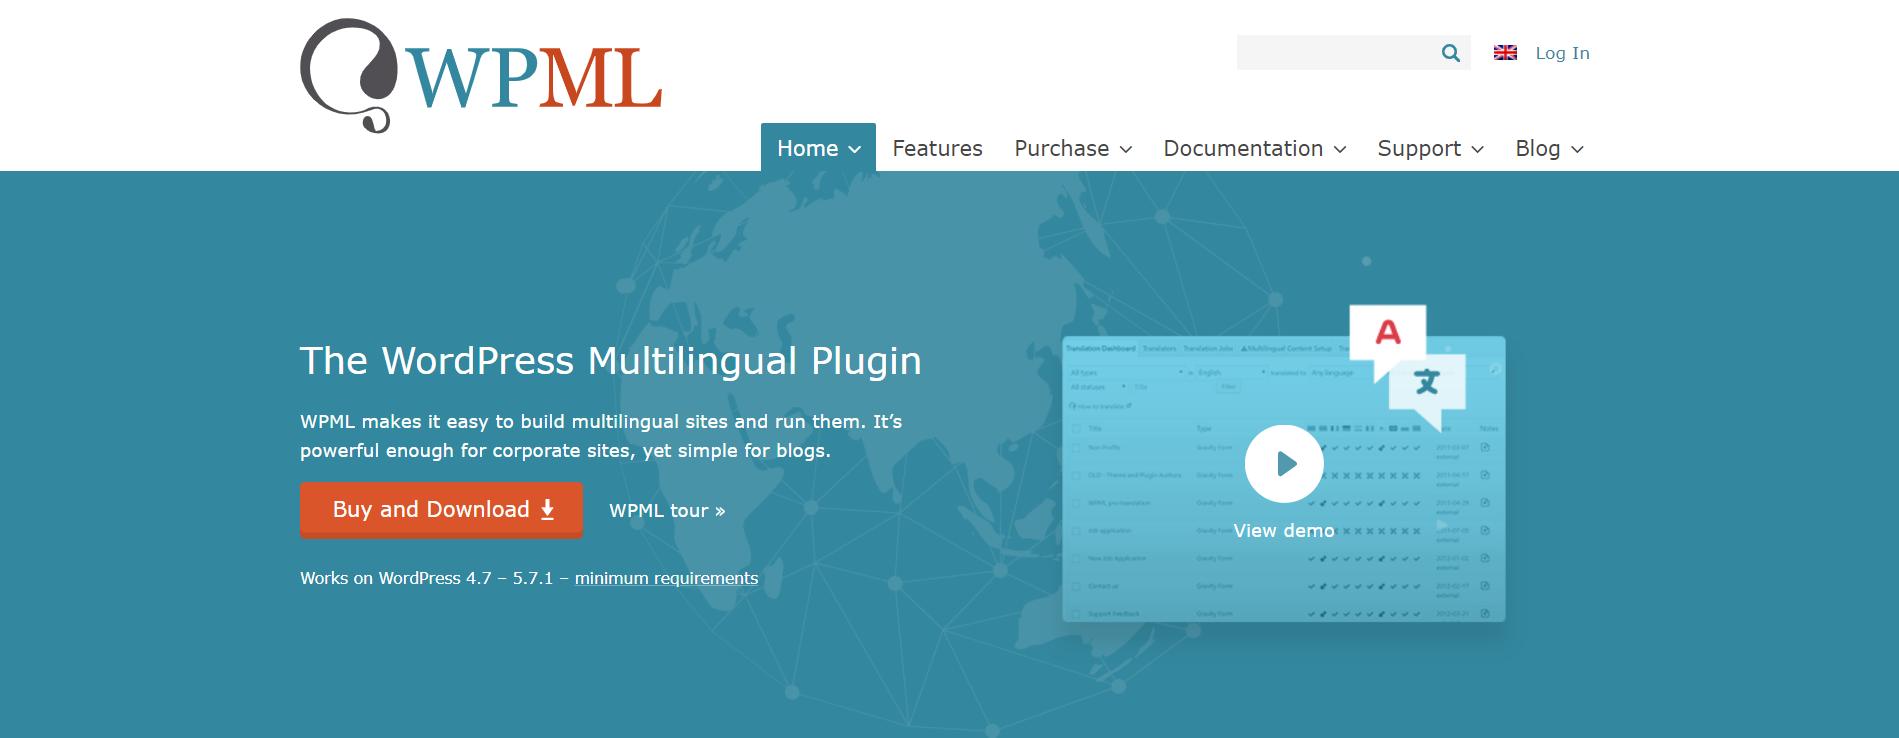 WPML плагин для перевода сайта на WordPress